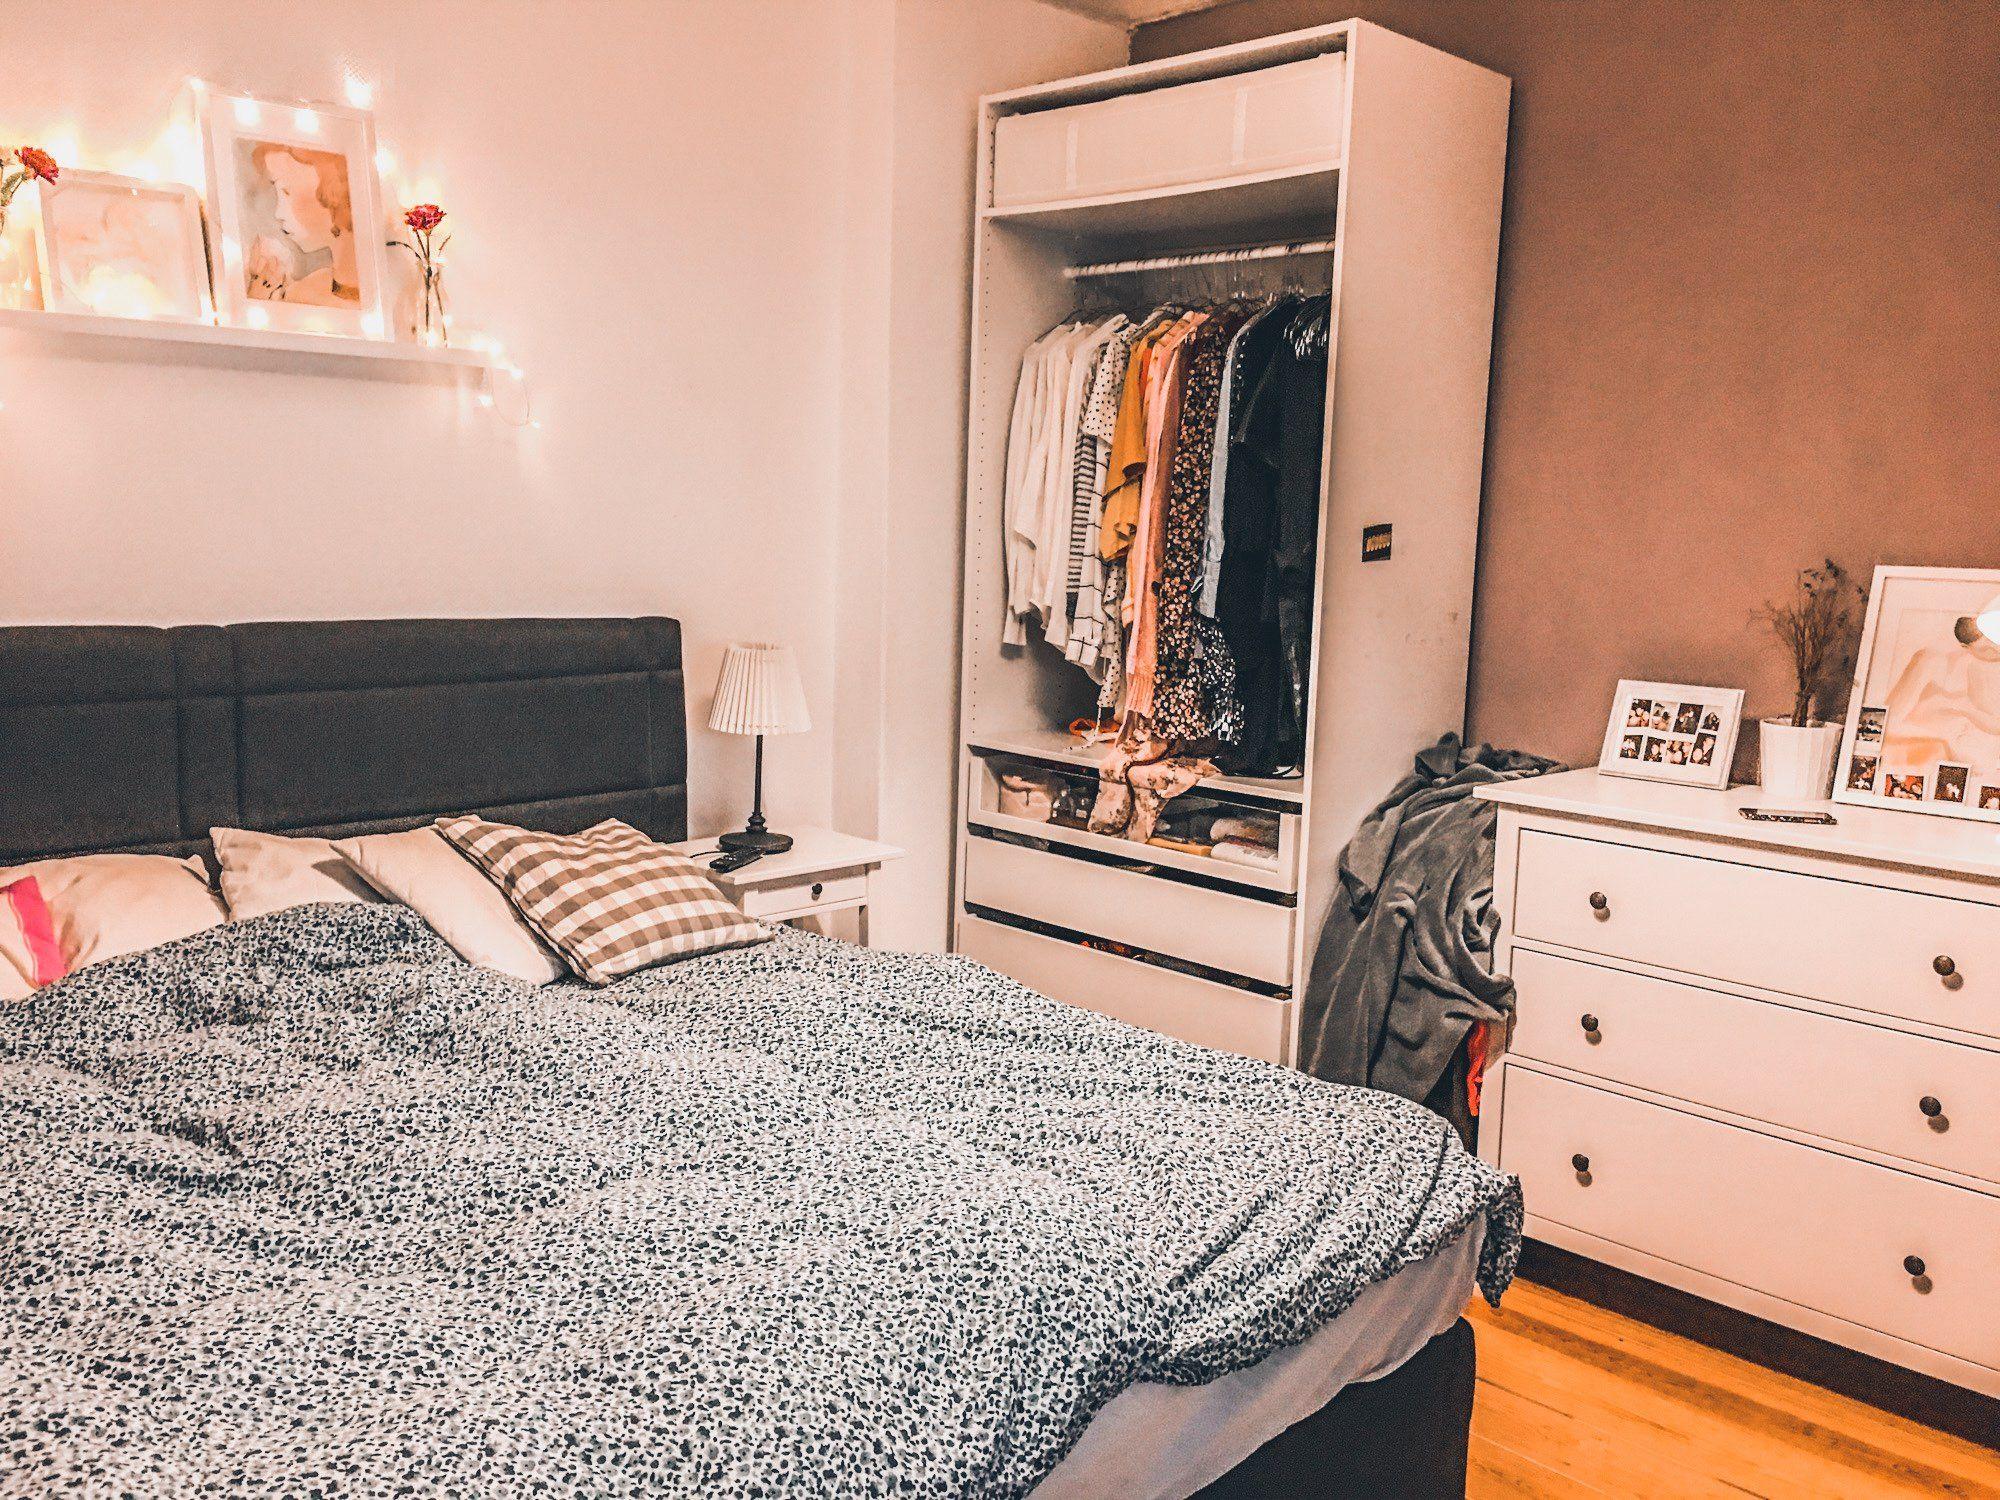 Susses Wg Zimmer Mit Kuscheligem Bett Und Kleiderschrank Wggesucht